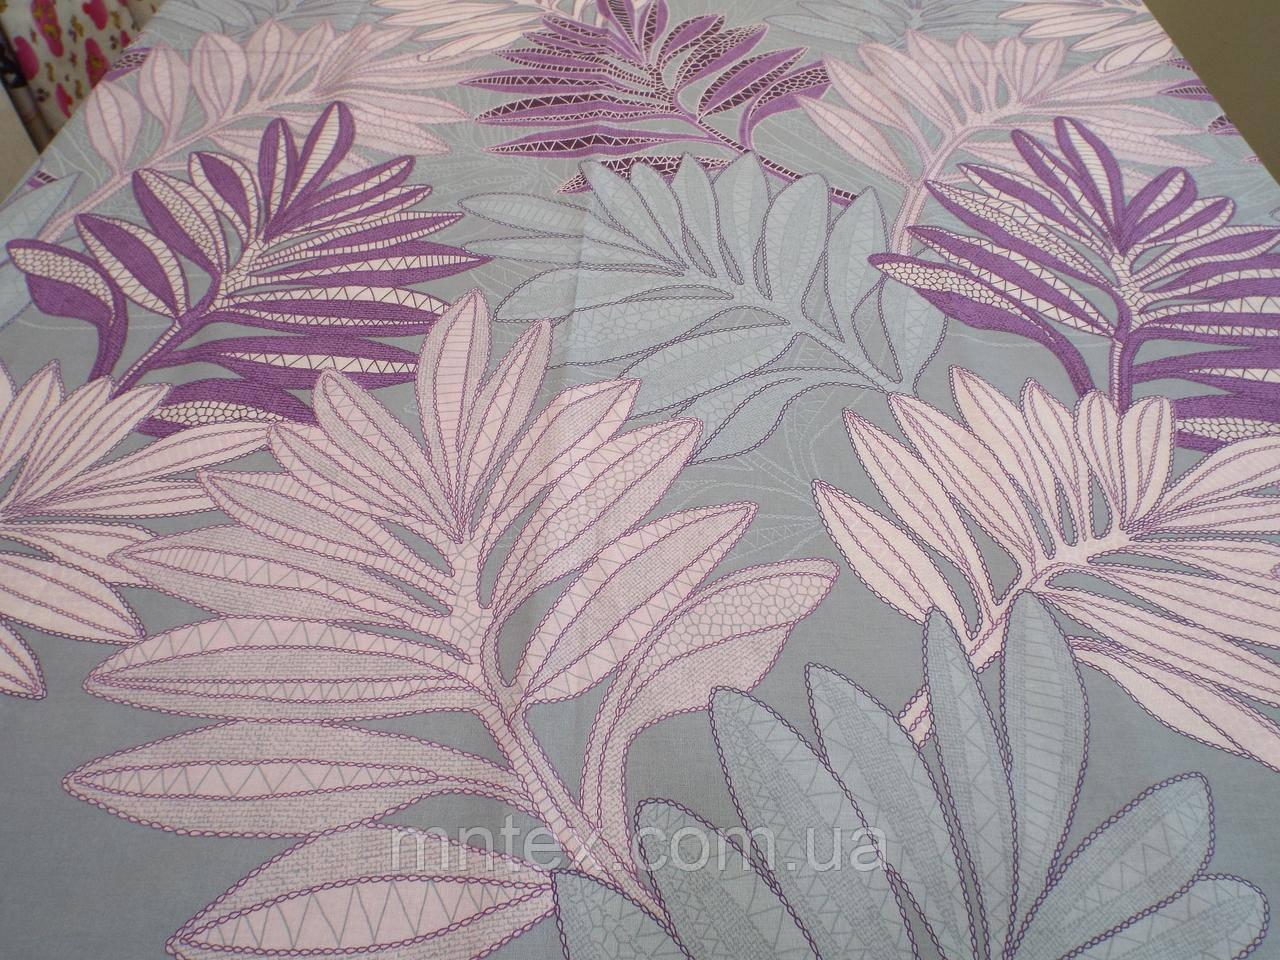 Ткань для пошива постельного белья бязь Белорусь ГОСТ Пальмира